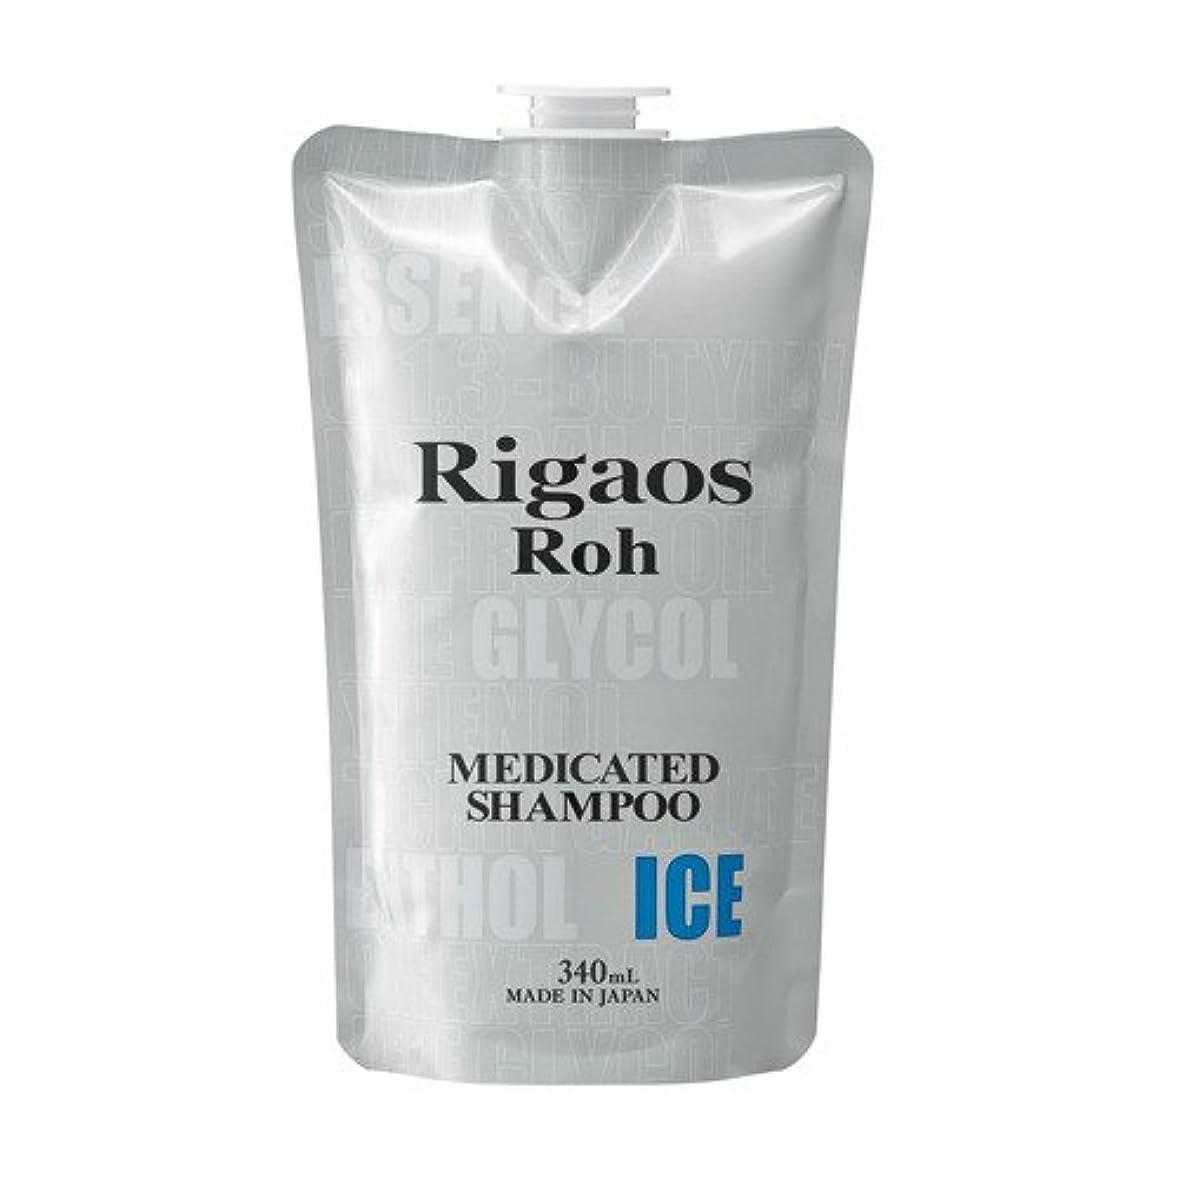 に関してピック地上のリガオス ロー 薬用スカルプケア シャンプー ICE レフィル (340mL) [医薬部外品]